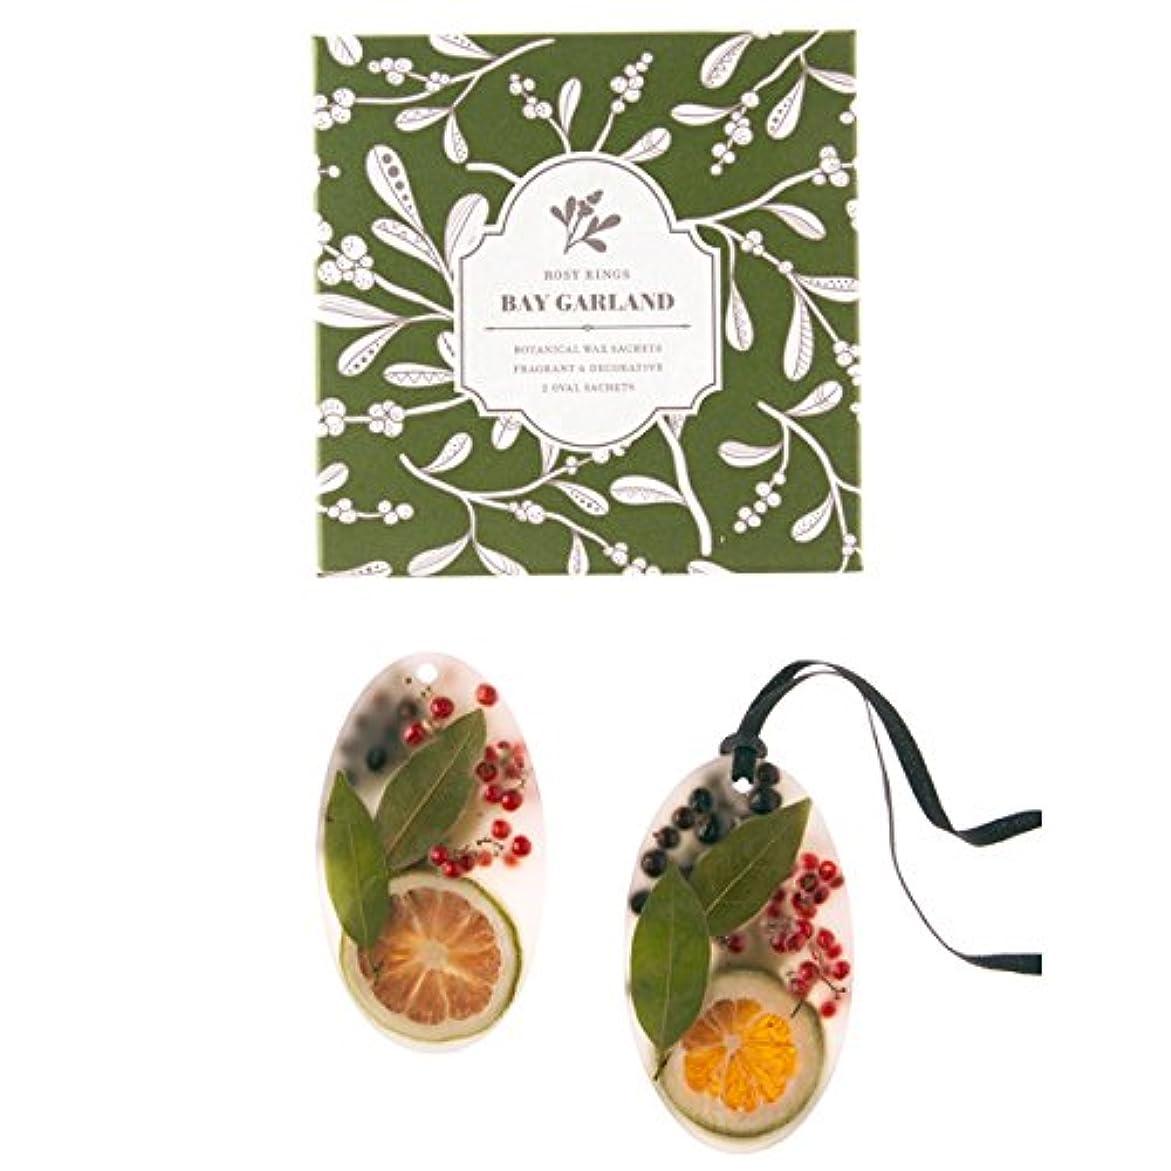 恐れ地雷原大臣ロージーリングス ボタニカルワックスサシェ オーバル ベイガーランド ROSY RINGS Signature Collection Botanical Wax Sachets – Bay Garland